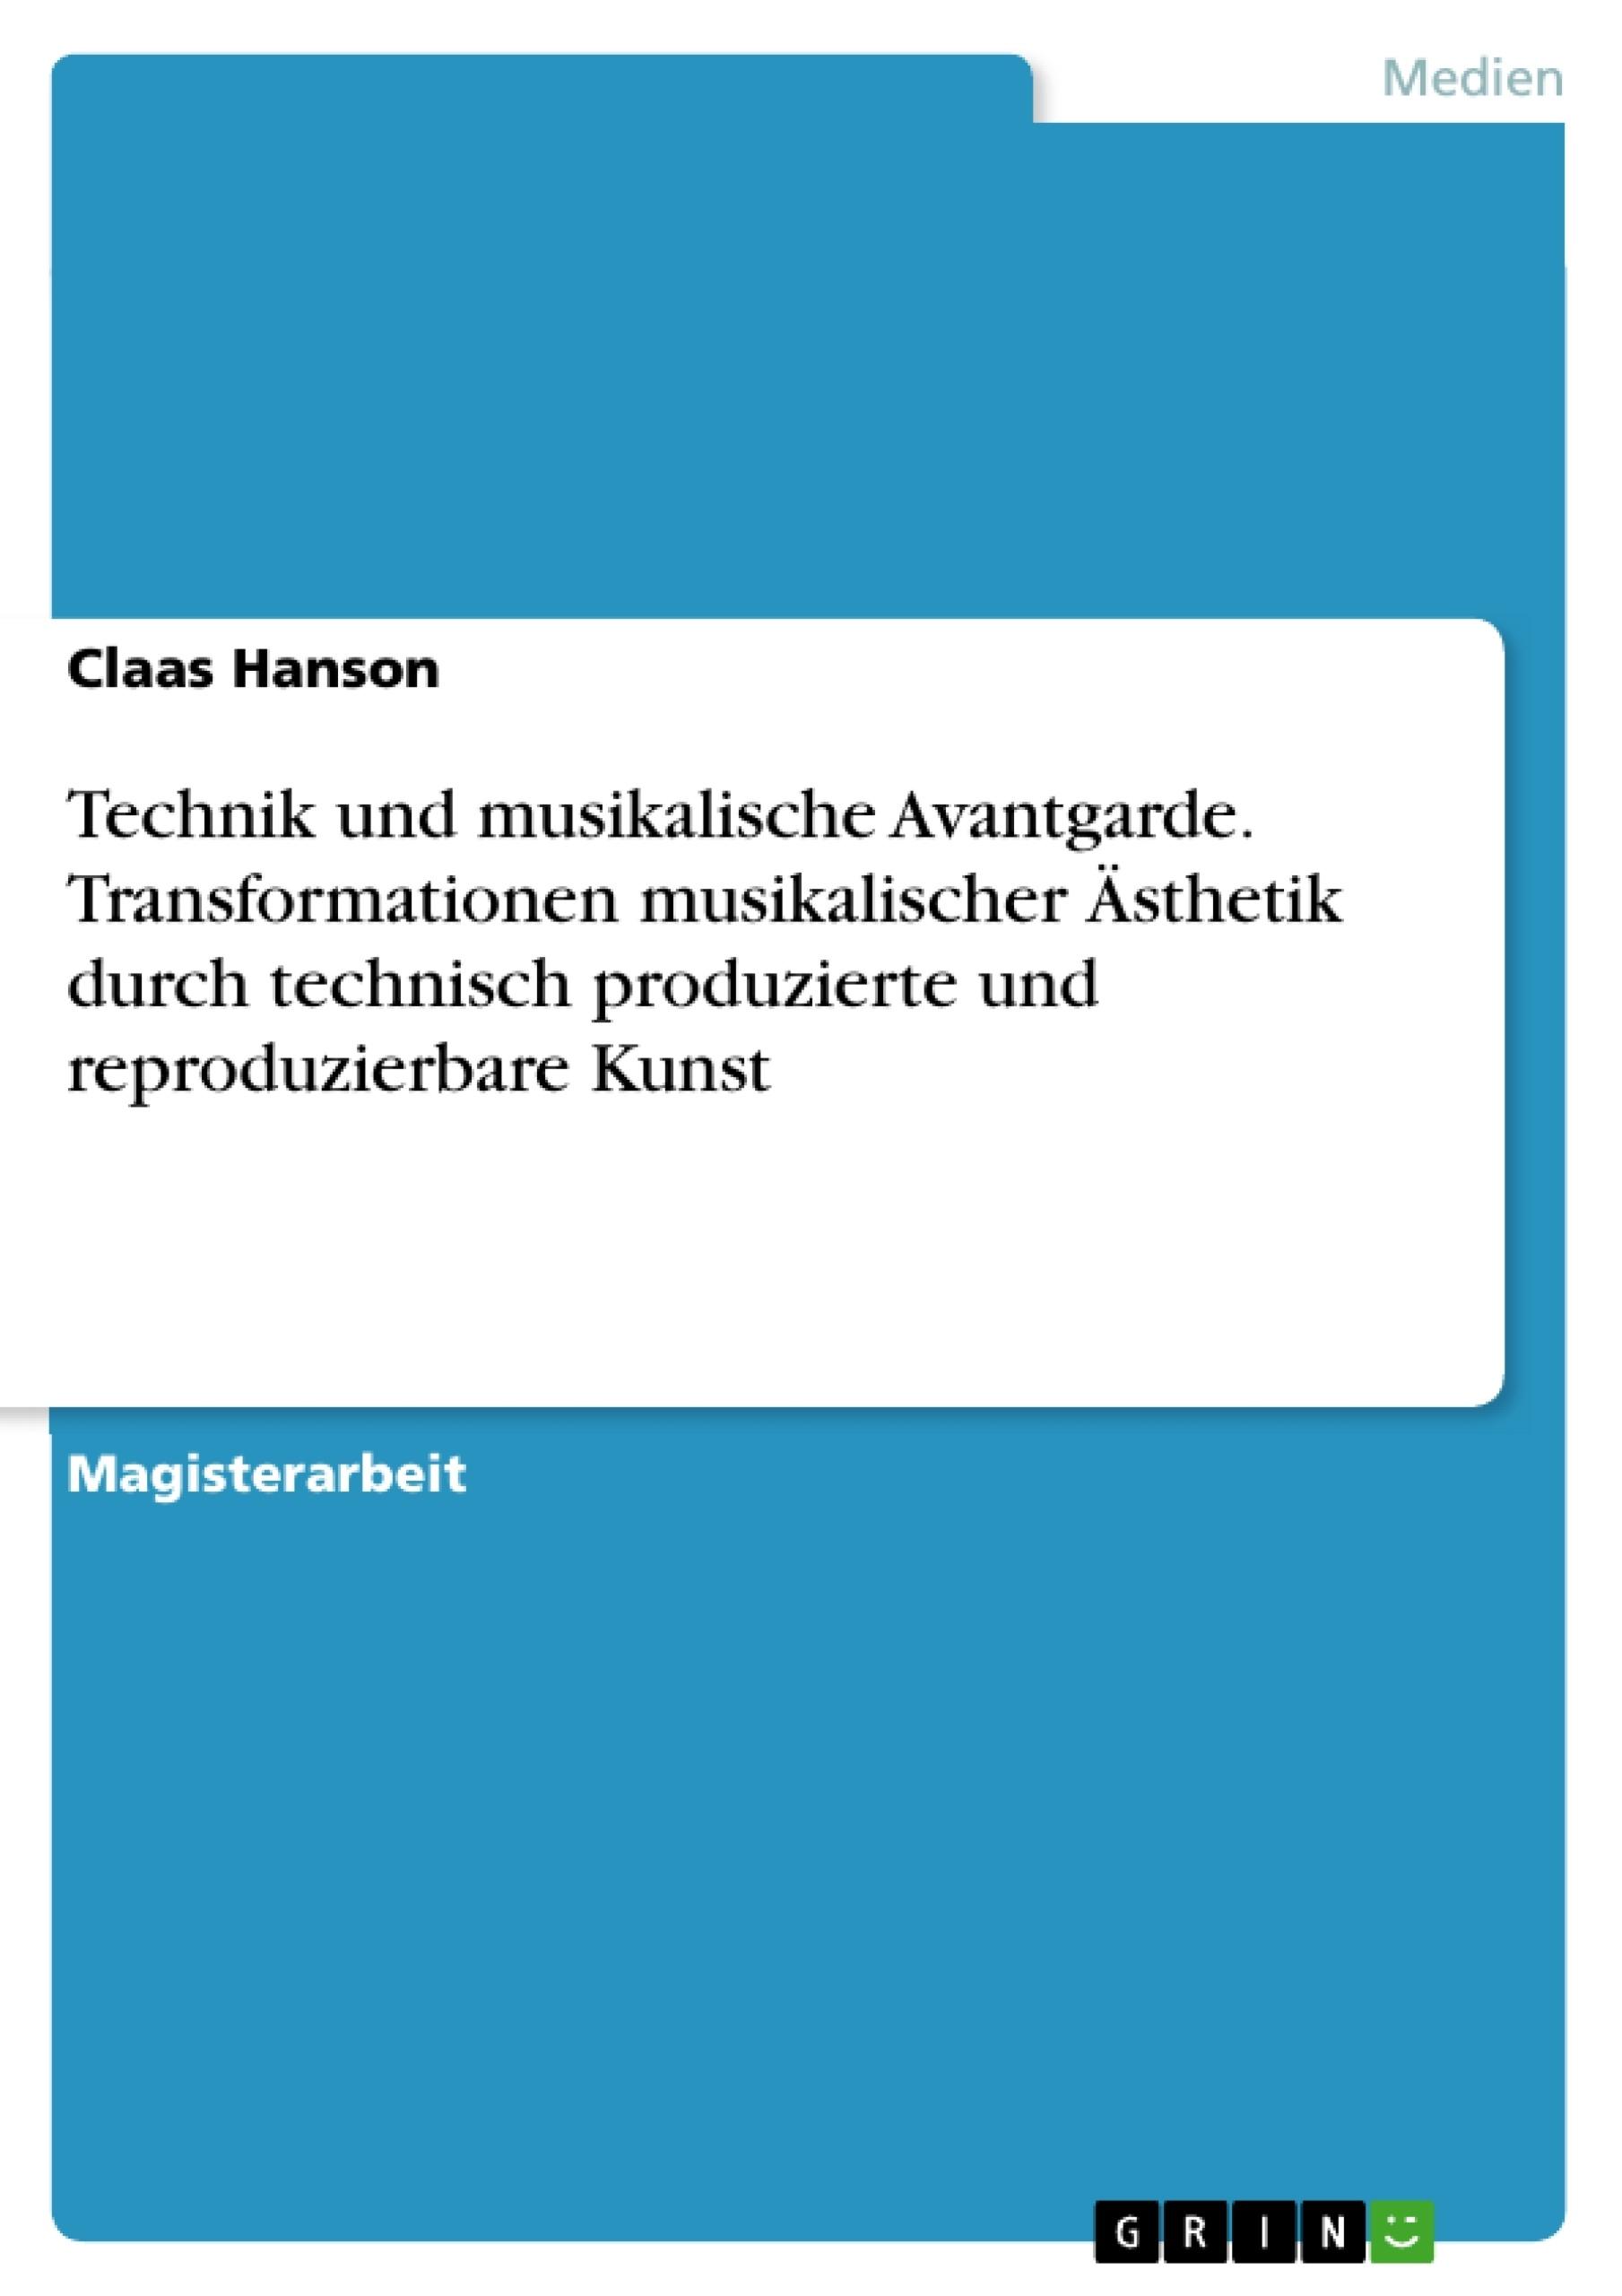 Titel: Technik und musikalische Avantgarde. Transformationen musikalischer Ästhetik durch technisch produzierte und reproduzierbare Kunst